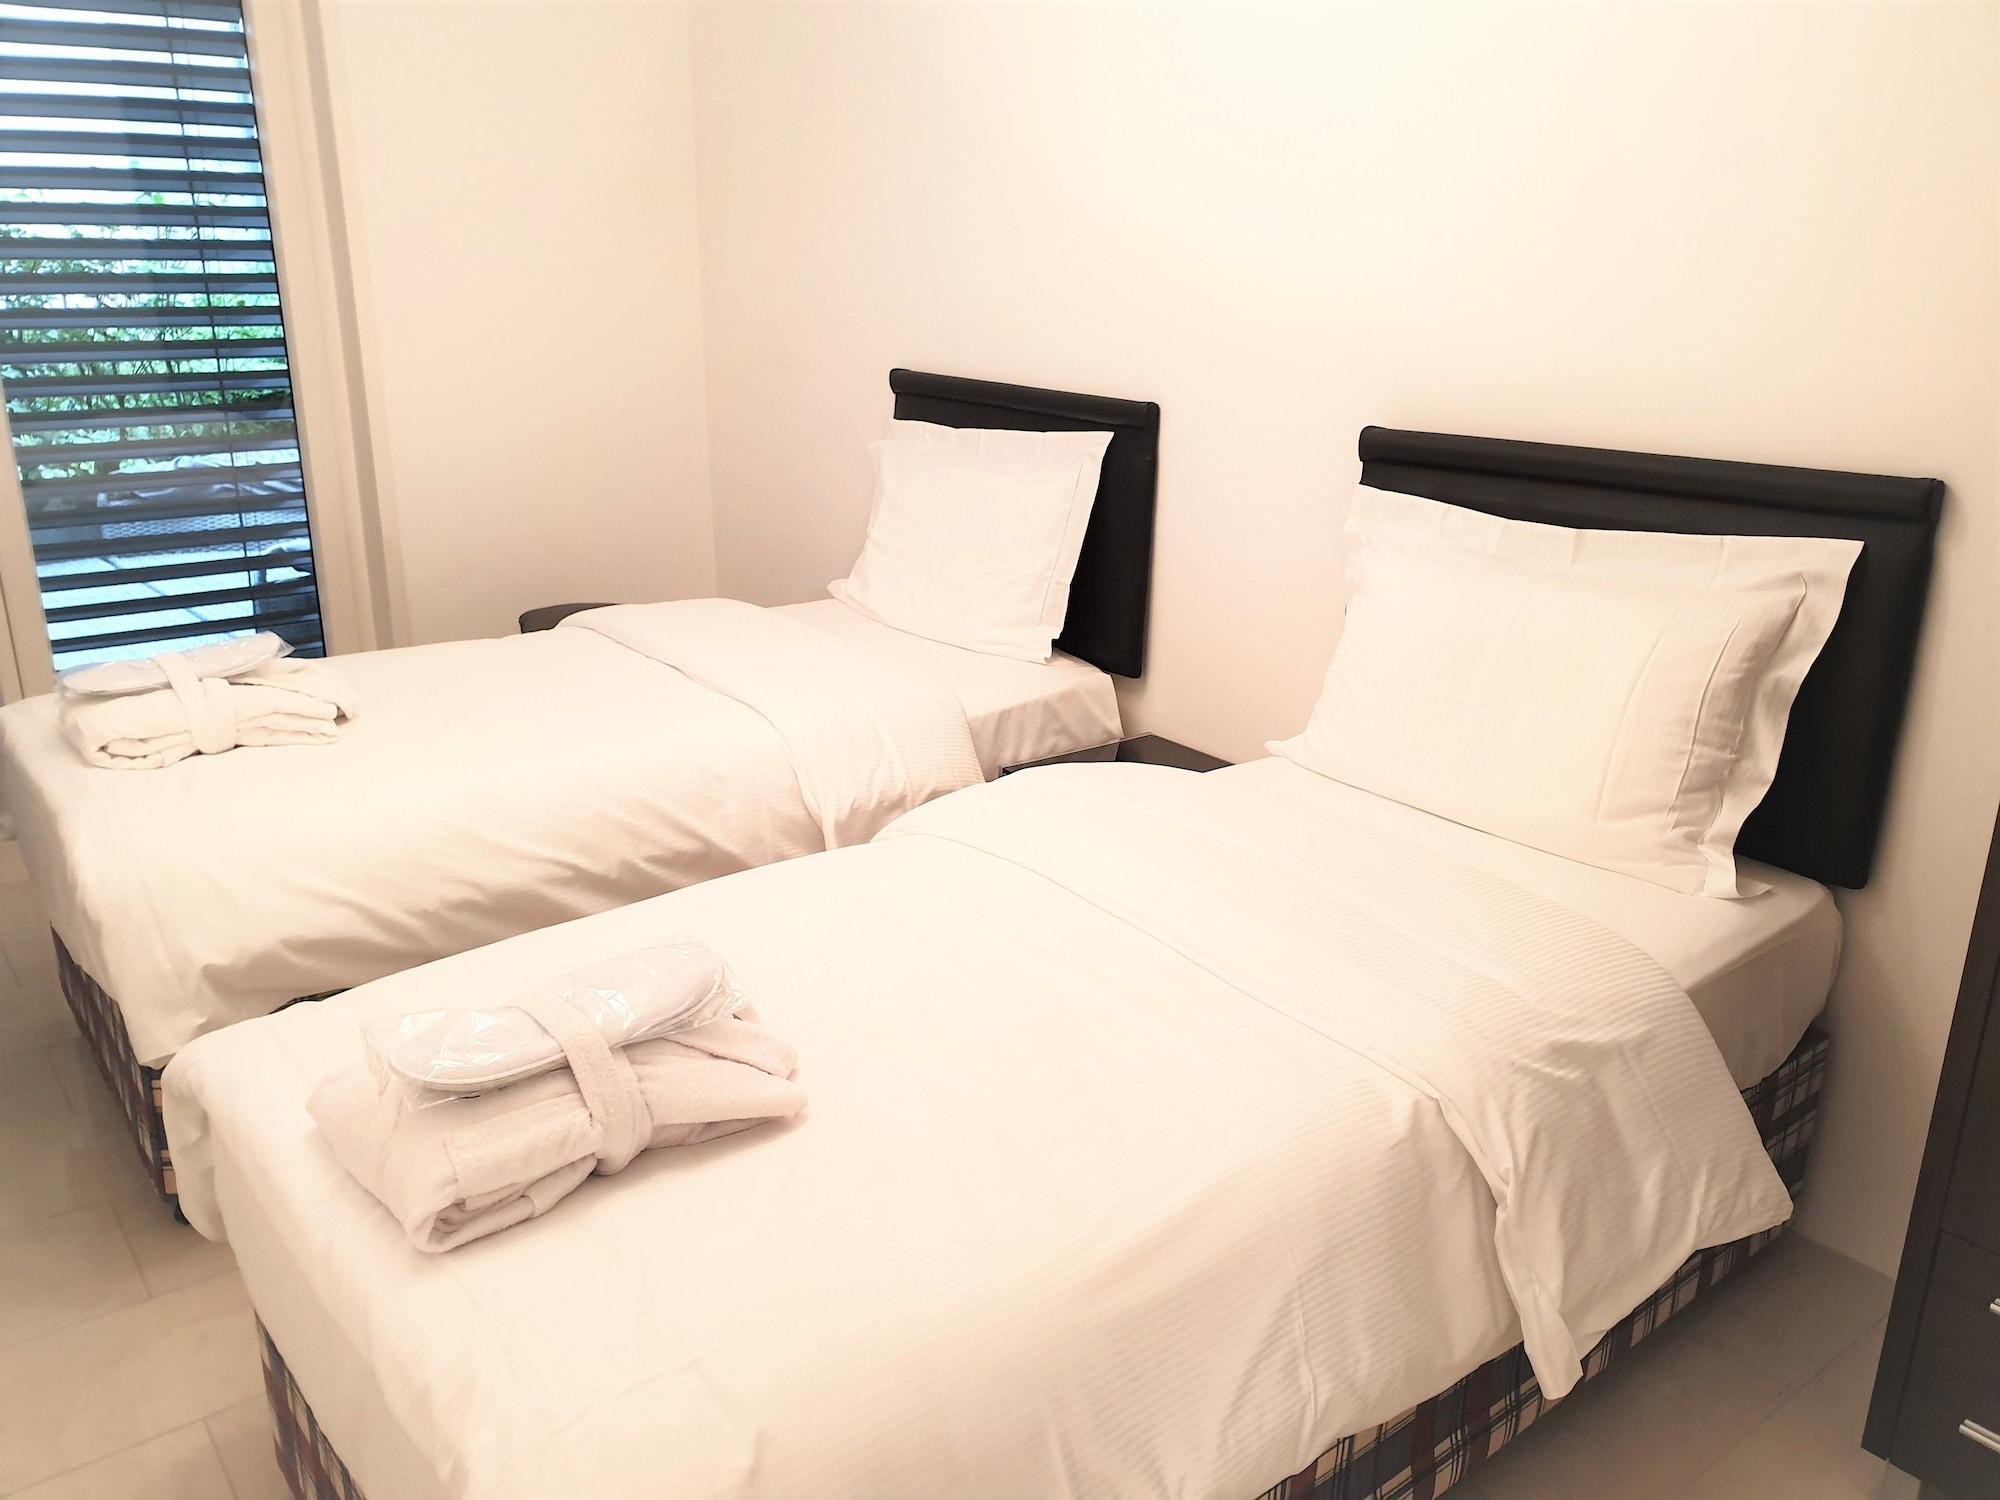 Montreux LUX 3 Bedroom Apartment, Pays-d'Enhaut